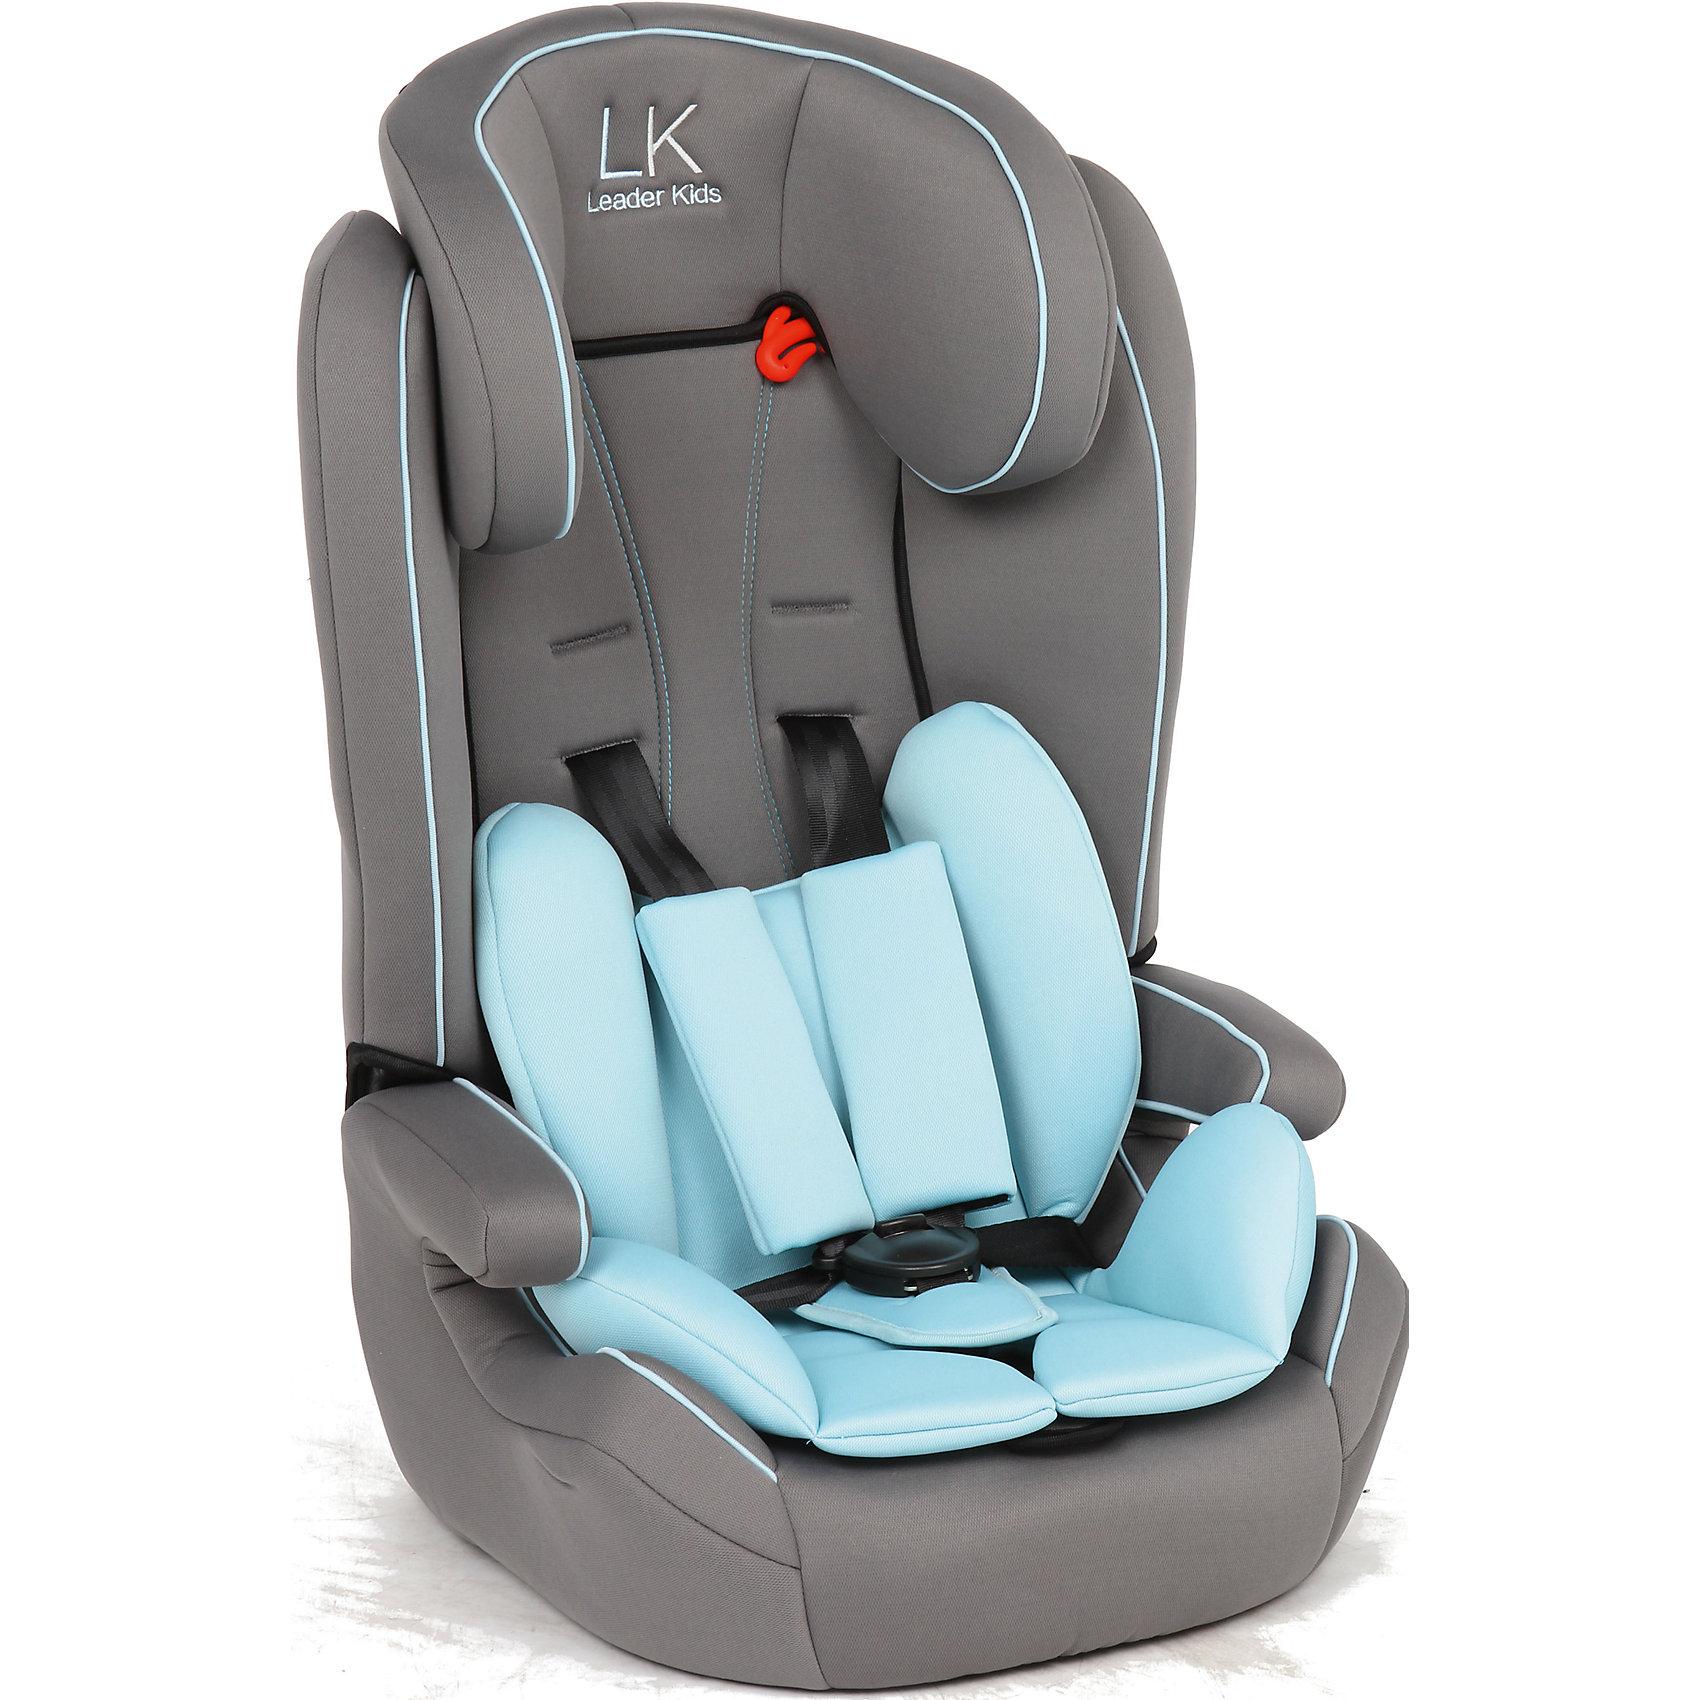 Автокресло SORRENTO, 9-36 кг., Leader kids, серый/голубойУдобное автокресло - необходимый атрибут современной семьи, в которой есть машина. Это высокотехнологичное надежное автокресло позволит перевозить ребенка, не беспокоясь при этом о его безопасности. Оно предназначено для предназначено для детей весом от 9 до 36 килограмм. Такое кресло обеспечит малышу не только безопасность, но и удобство (регулируемый наклон спинки и мягкий подголовник). Ребенок надежно фиксируется в кресле и ездит с комфортом. <br>Автокресло устанавливают по ходу движения. Такое кресло дает возможность свободно путешествовать, ездить в гости и при этом  быть рядом с малышом. Конструкция - очень удобная и прочная. Изделие произведено из качественных и безопасных для малышей материалов, оно соответствуют всем современным требованиям безопасности. Кресло отлично показало себя на краш-тестах.<br> <br>Дополнительная информация:<br><br>цвет: голубой, серый;<br>материал: текстиль, пластик;<br>вес ребенка: от 9 до 36 кг;<br>крепление автомобильным ремнем;<br>регулируемый наклон спинки;<br>внутренние ремни - пятиточечные, с мягкими накладками;<br>мягкий подголовник;<br>дополнительная защита от боковых ударов;<br>съемный чехол;<br>соответствие стандартам ECE R44/04.<br><br>Автокресло SORRENTO, 9-36 кг., Leader kids, серый/голубой от компании Leader kids можно купить в нашем магазине.<br><br>Ширина мм: 890<br>Глубина мм: 740<br>Высота мм: 430<br>Вес г: 5000<br>Возраст от месяцев: 12<br>Возраст до месяцев: 144<br>Пол: Мужской<br>Возраст: Детский<br>SKU: 4778439